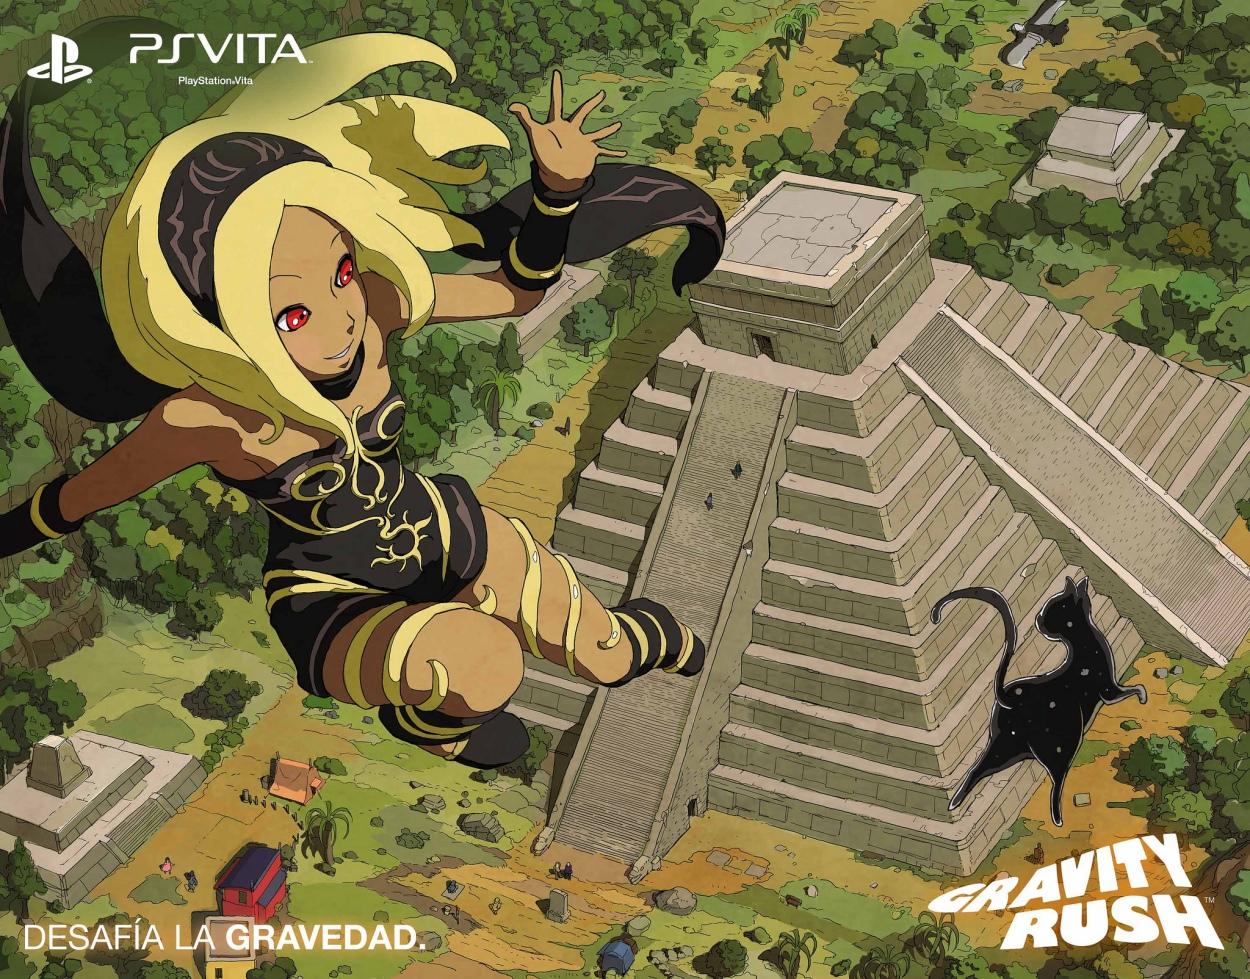 Arte de Gravity Rush exclusivo para México